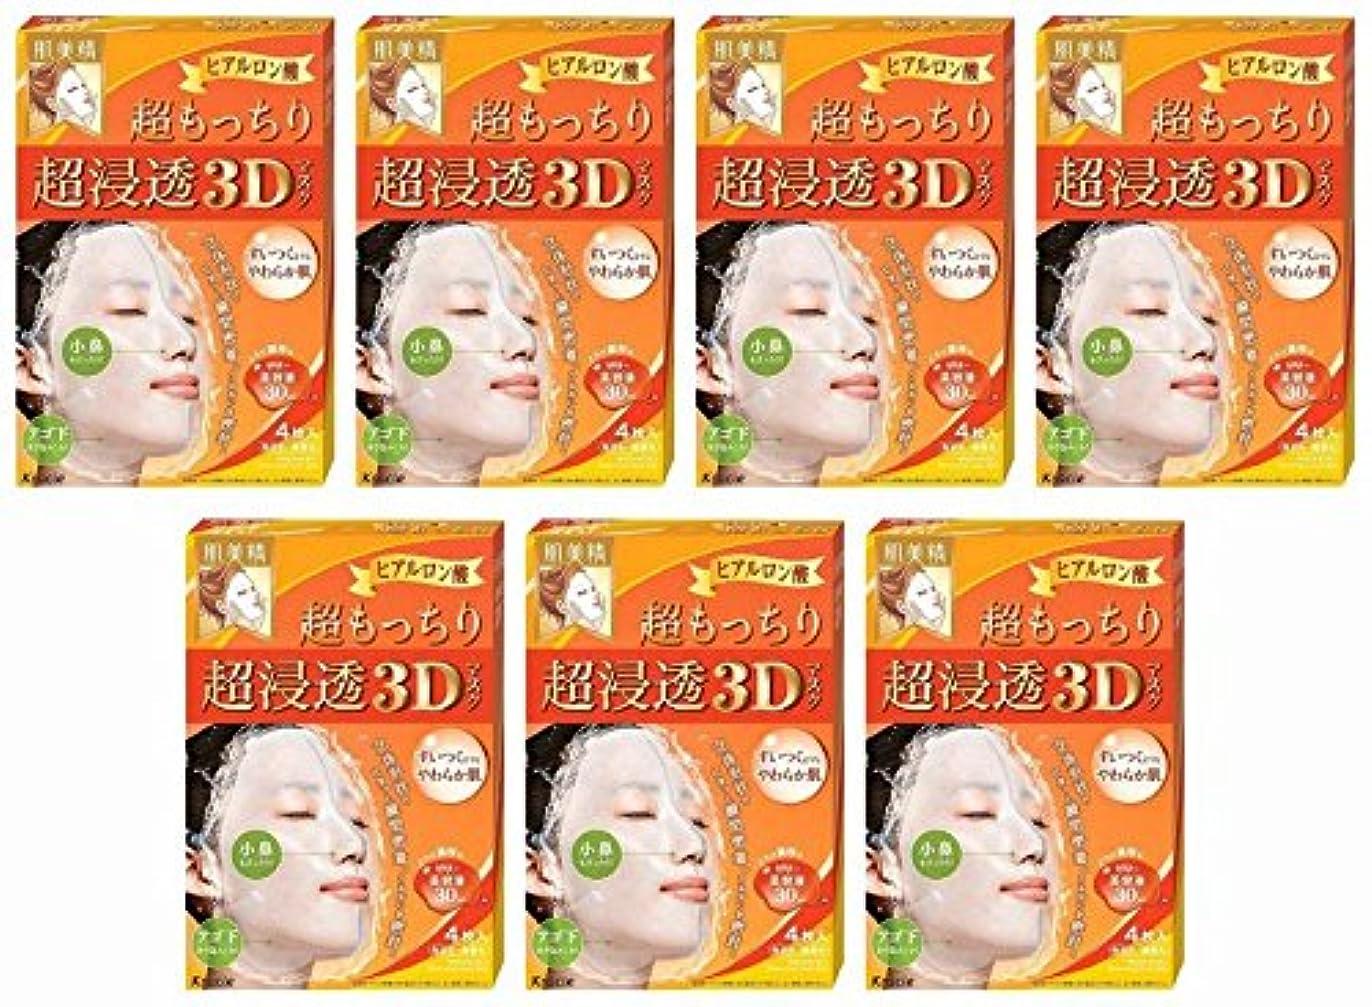 エスカレーターマンハッタンモチーフ【まとめ割?4週間28日分 】 肌美精 超浸透3Dマスク (超もっちり) 4枚入 × 7個セット